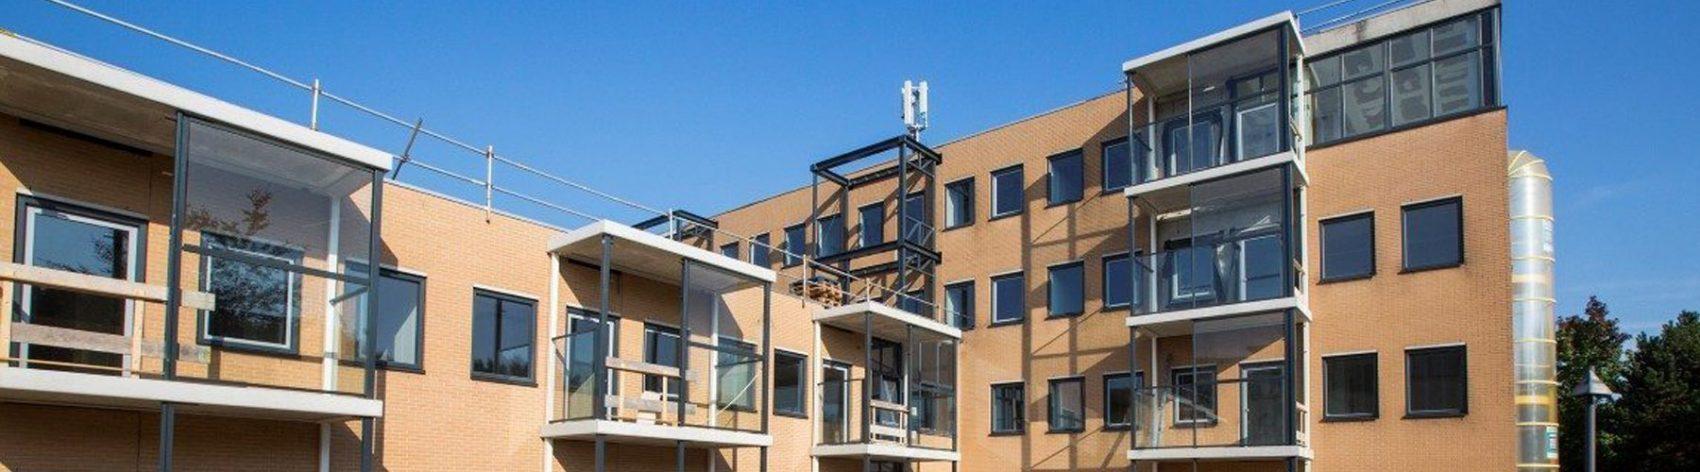 Transformatie voormalig kantoorgebouw in 50 huurappartementen